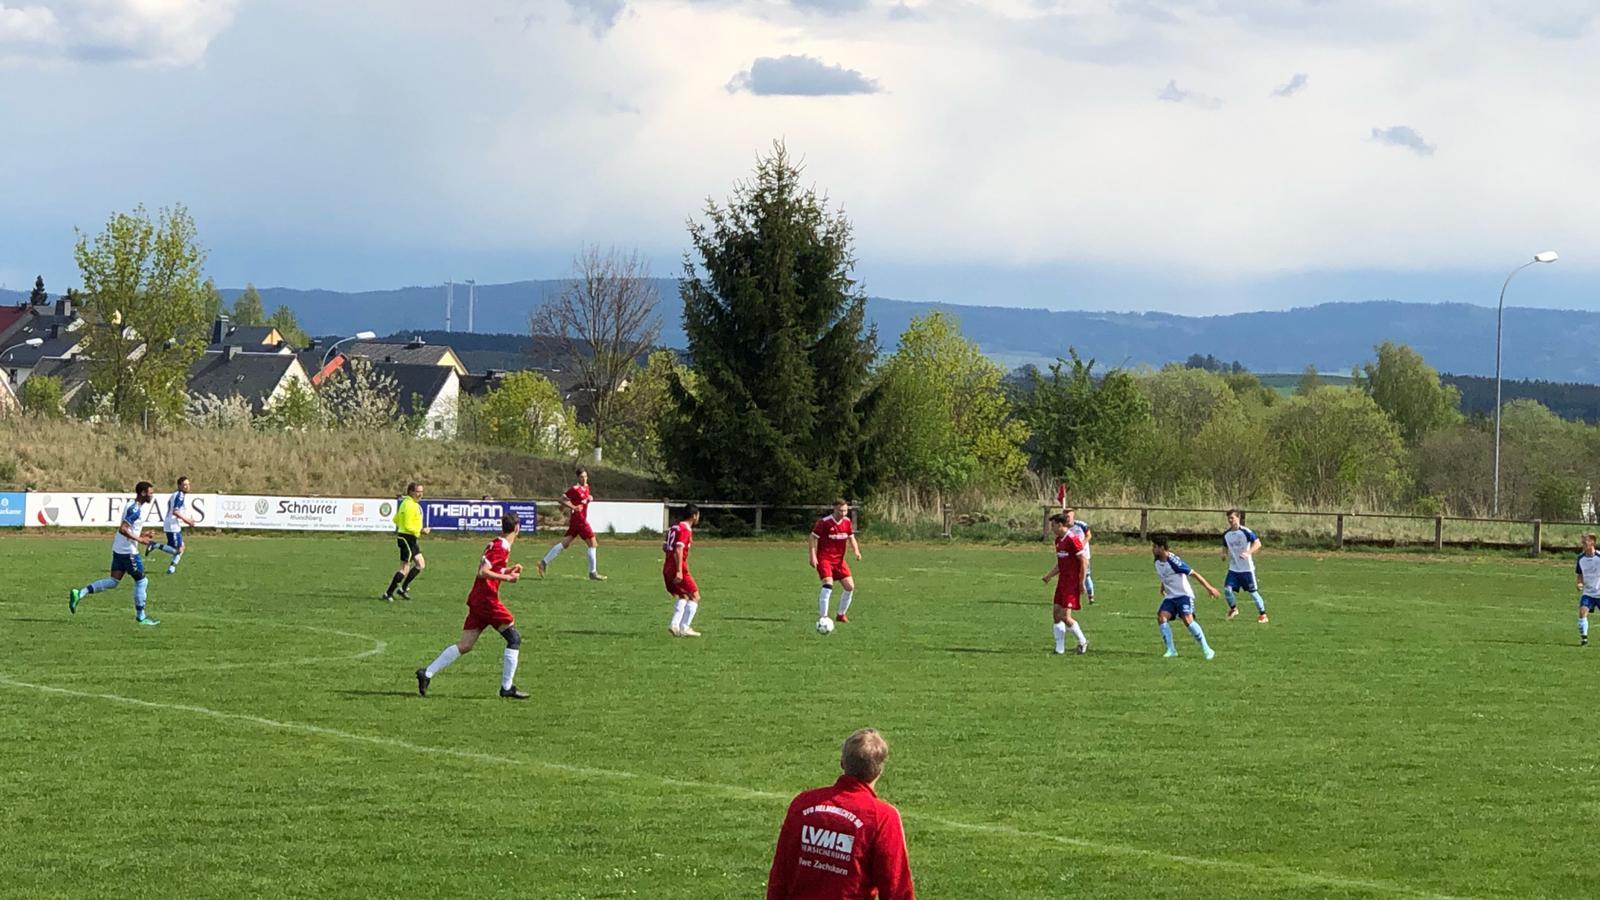 VfB erneut ohne Niederlage!